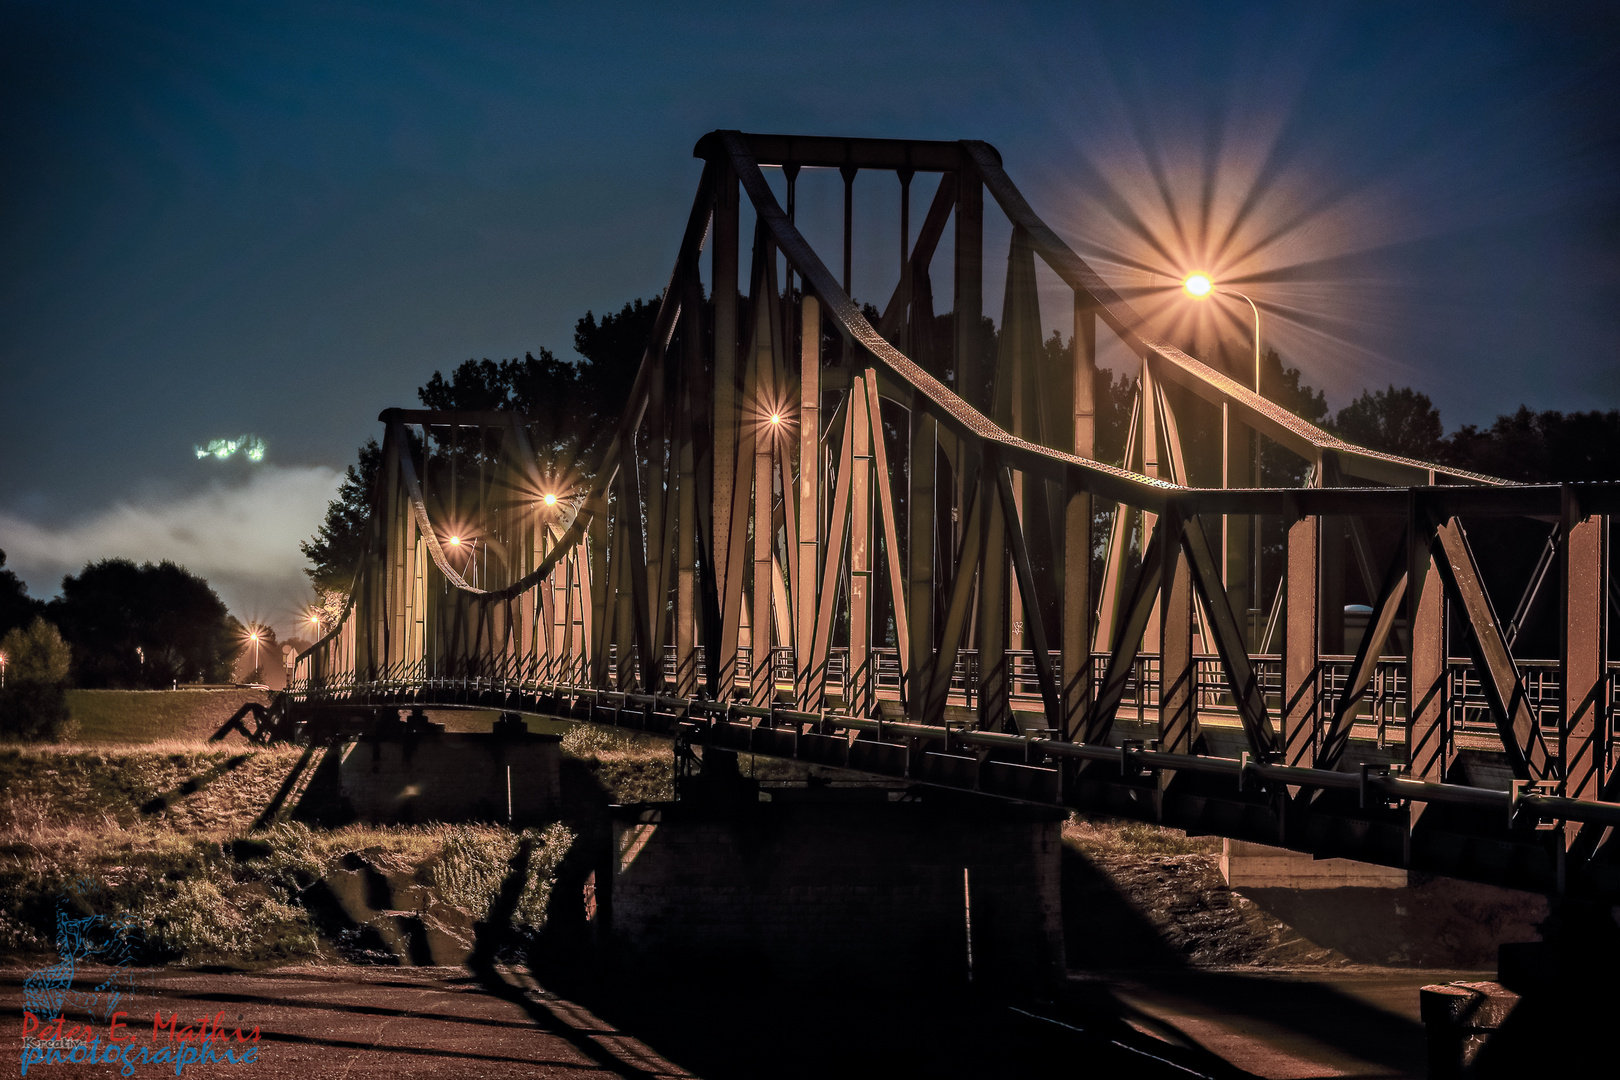 alte Rheinbrücke bei Nacht